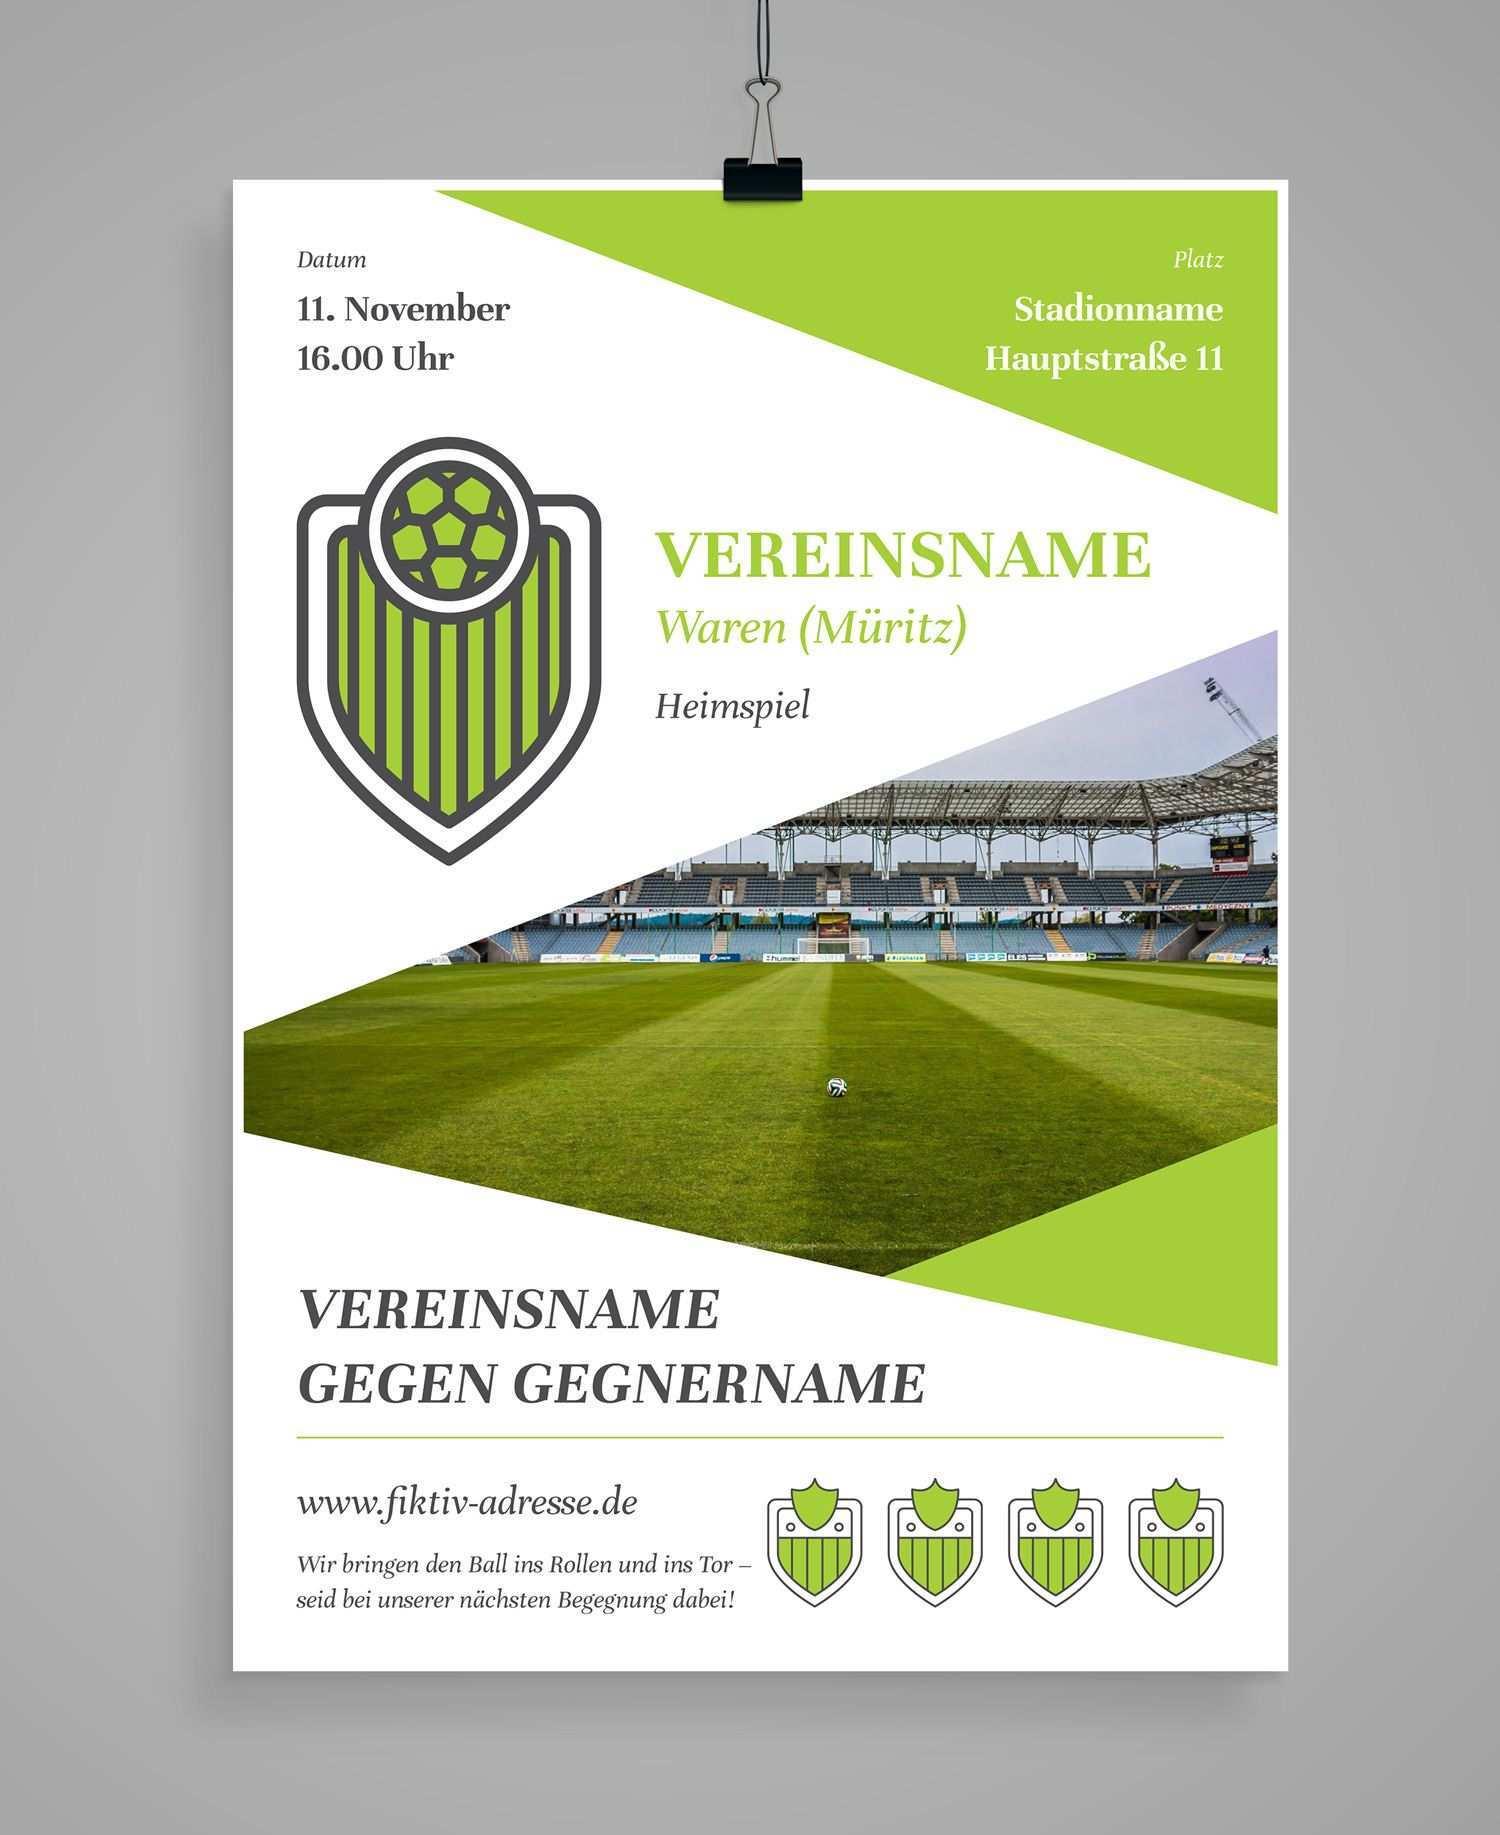 Design Vorlagen Fur Sportvereine Spendenscheck Werbebanner Co Verein Sportverein Flyer Erstellen